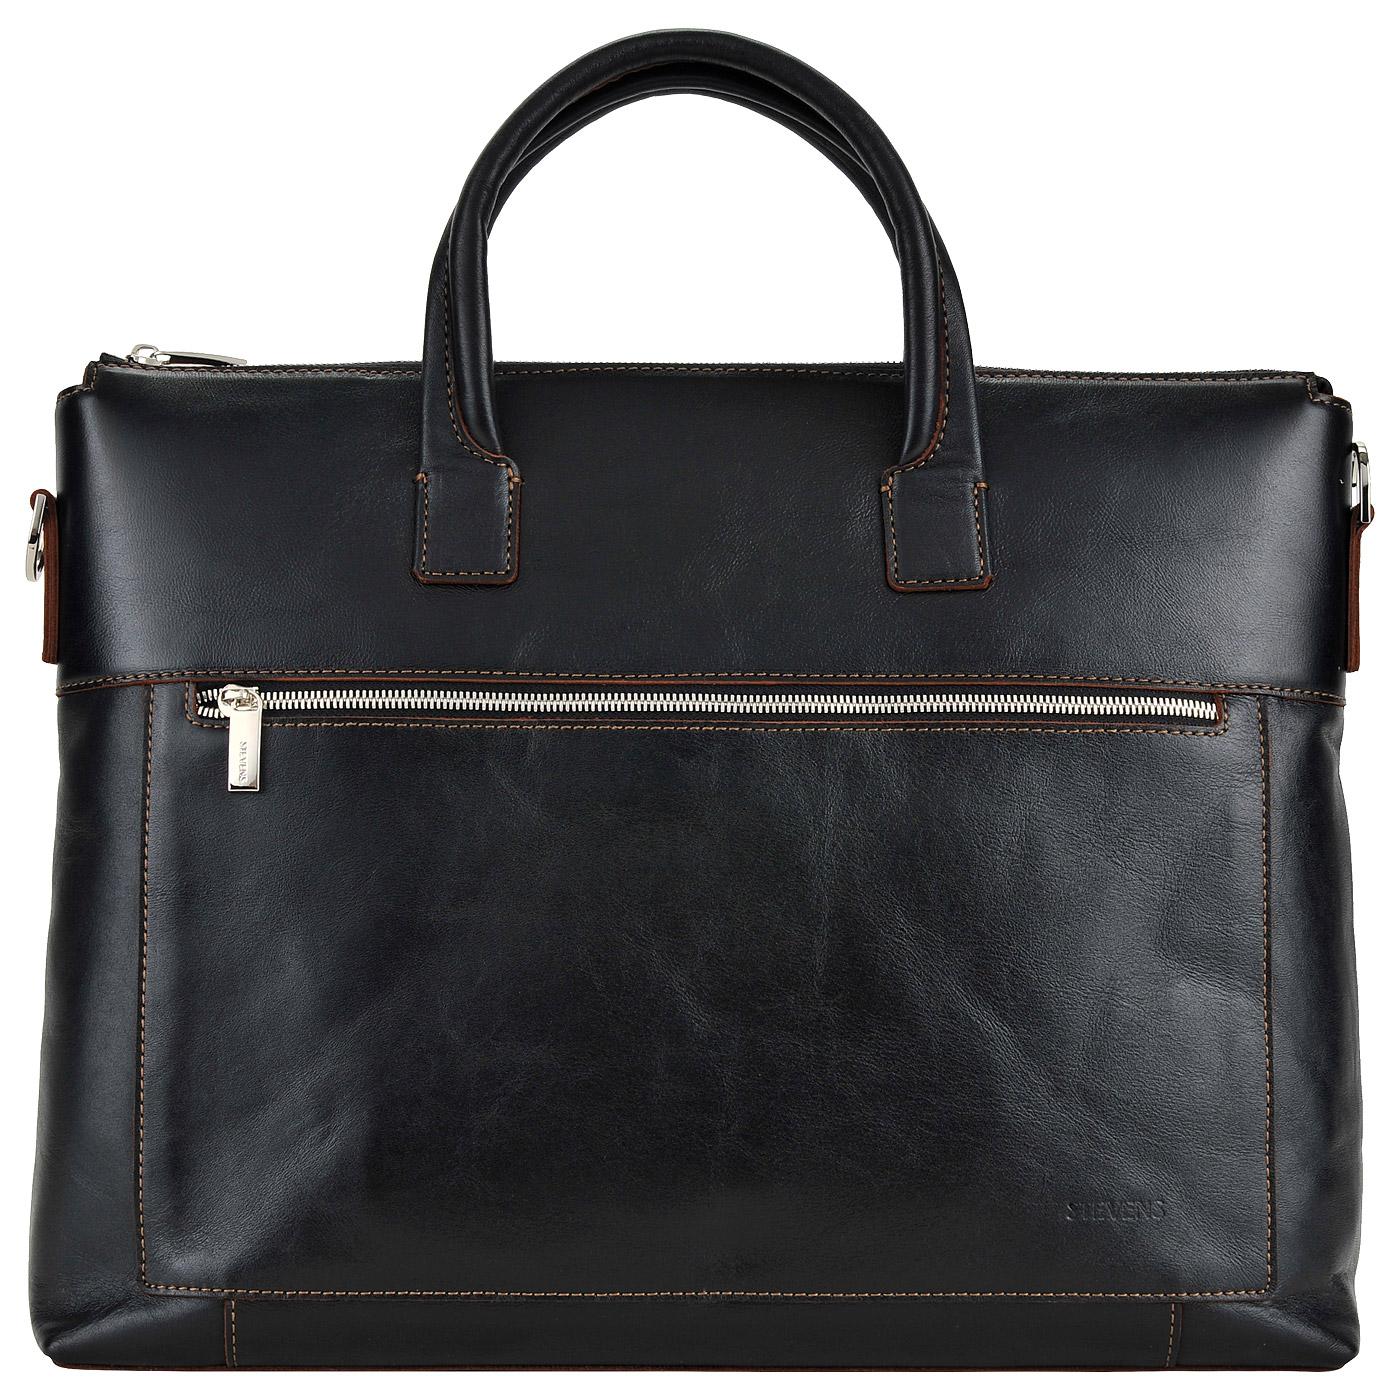 3314840df6a0 Вместительная мужская деловая сумка из натуральной кожи Stevens STD ...